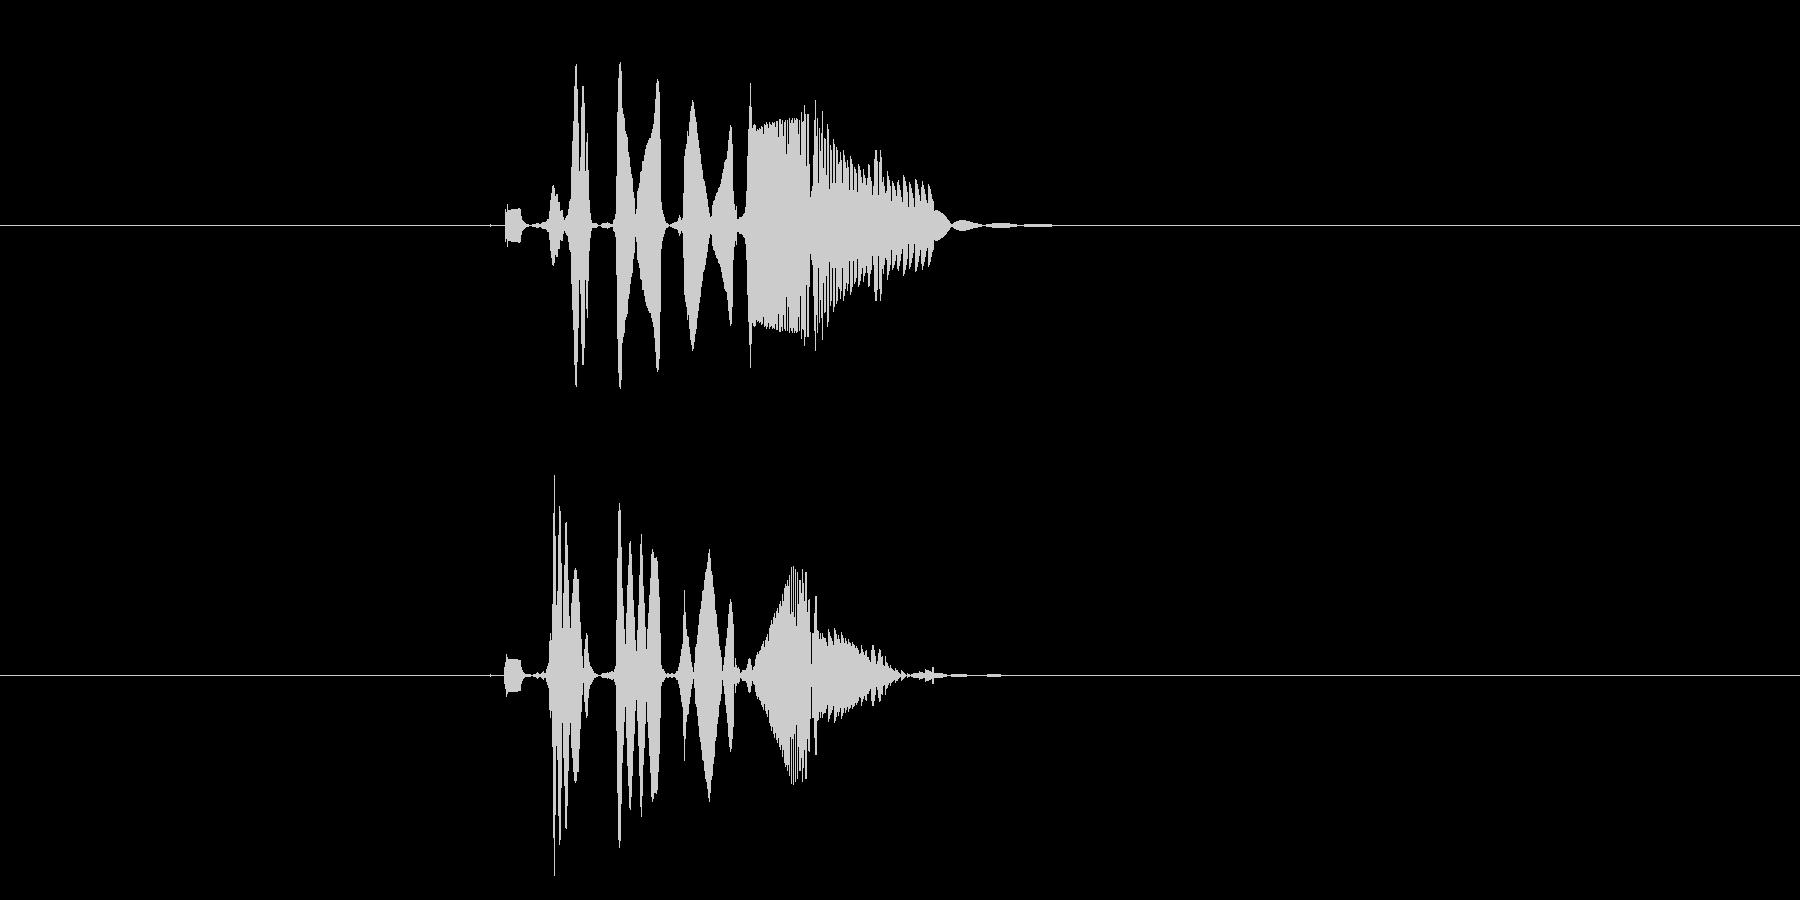 ピヒューンと聞こえる効果音の未再生の波形